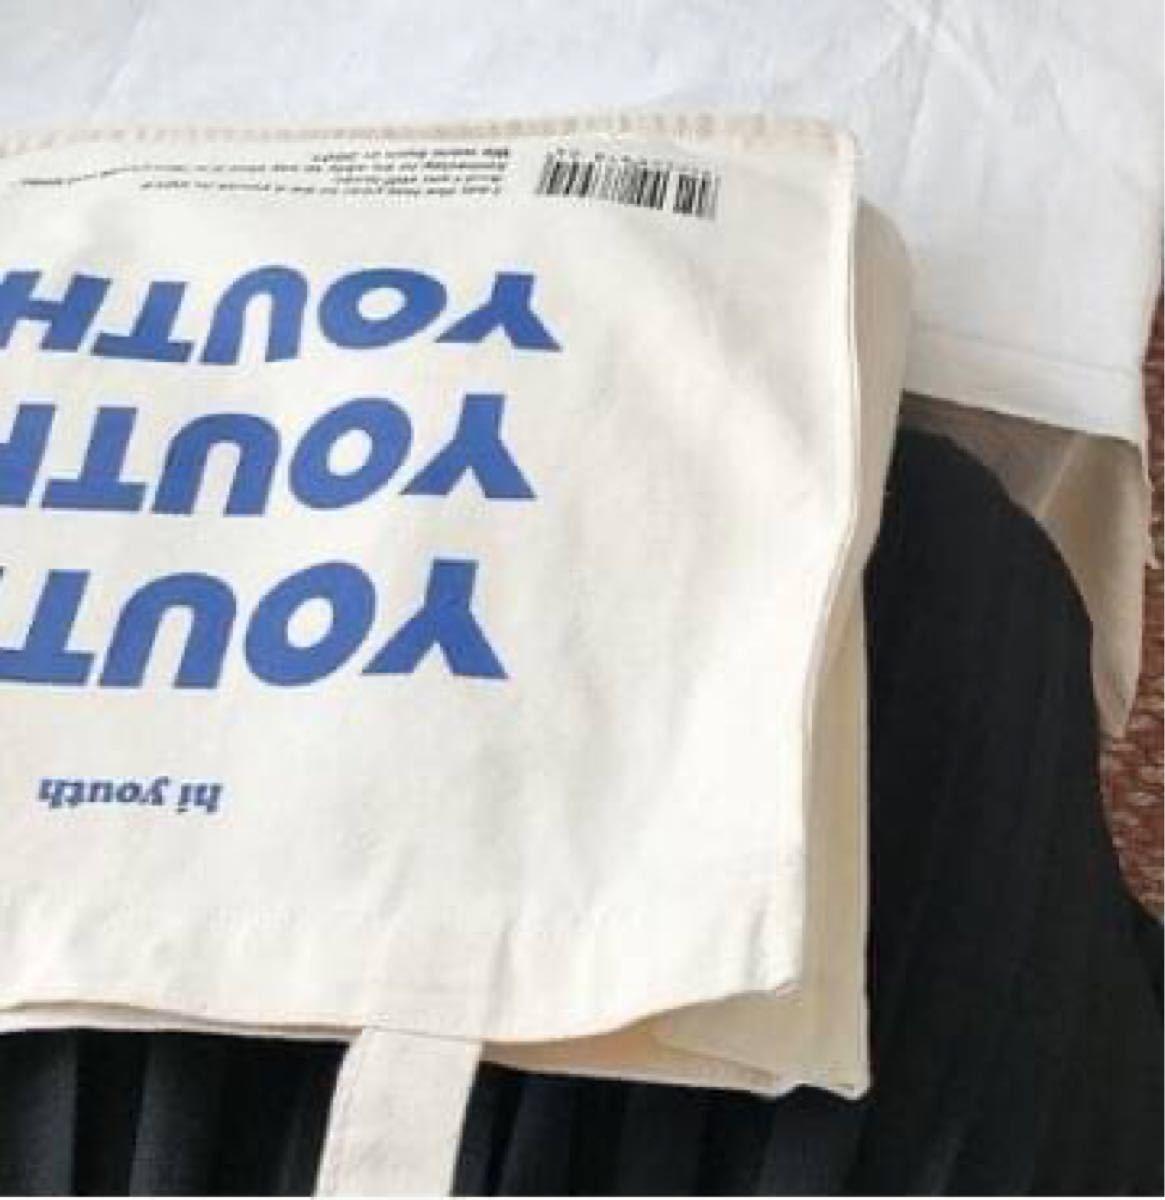 キャンバストートバッグ トートバッグ スクエア 英字 ロゴ 肩掛け キャンバス レジバッグ エコバッグ メンズ レデース 大容量